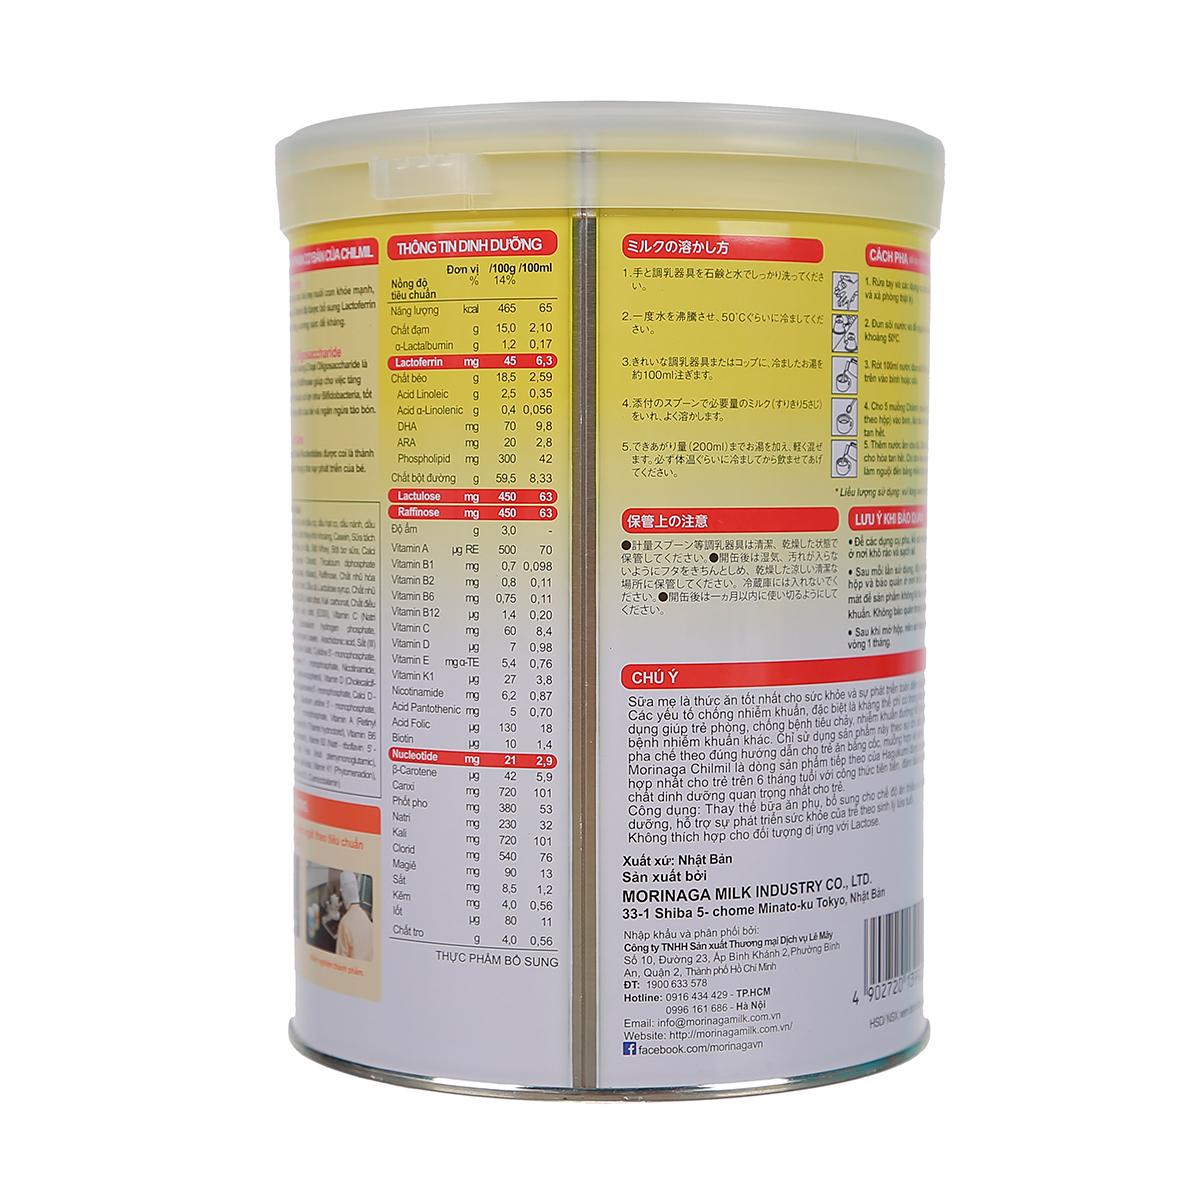 Thành phần Sữa Morinaga Chilmil số 2 850g